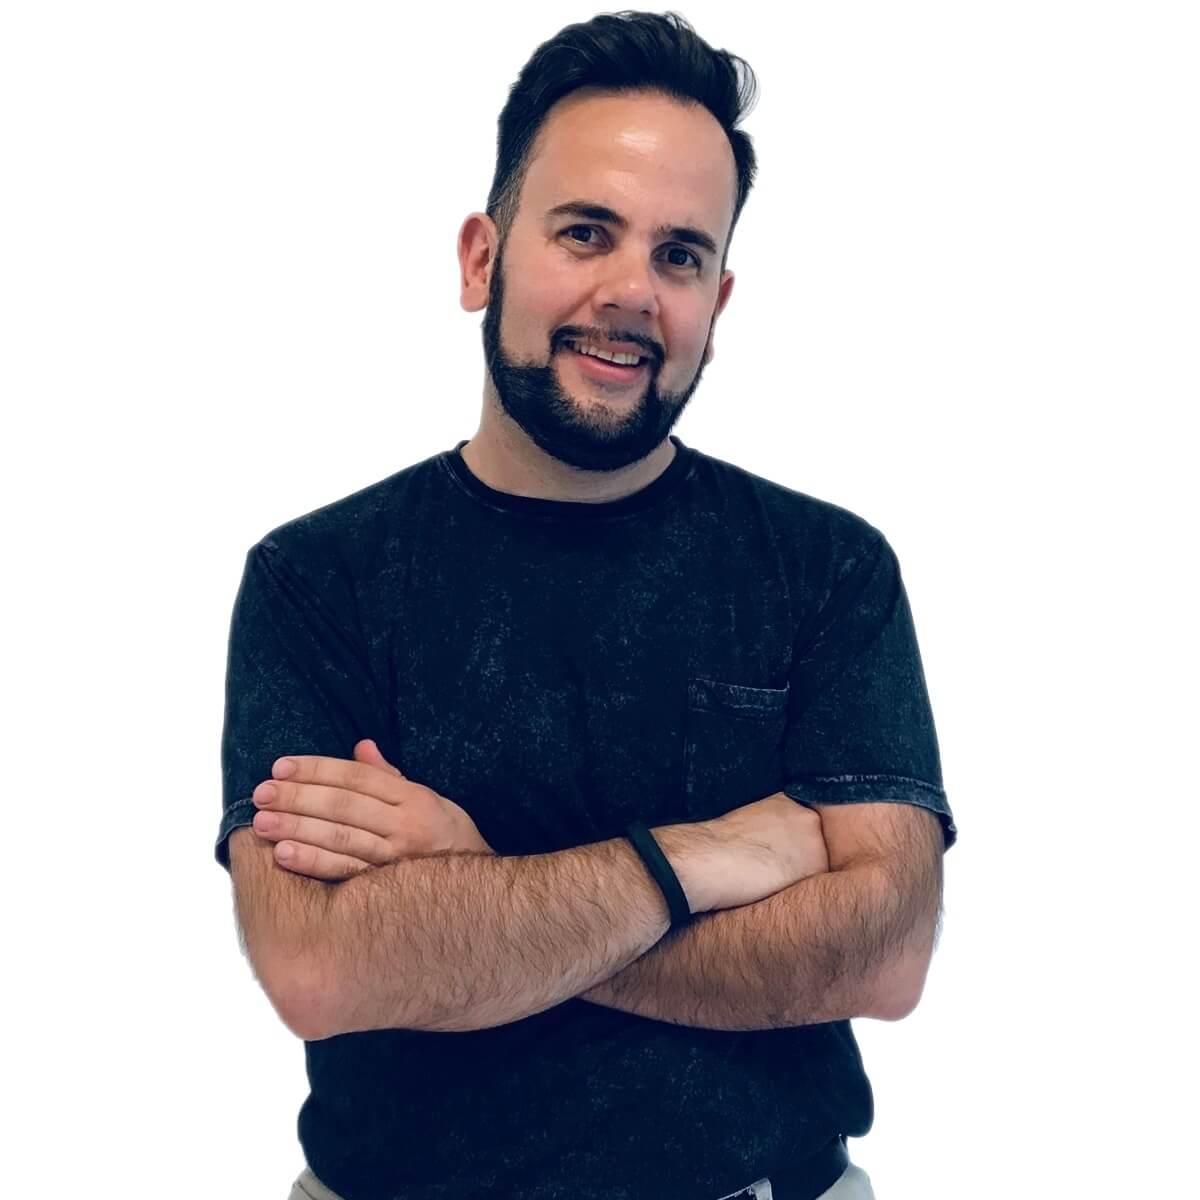 Eduardo Salado Morales